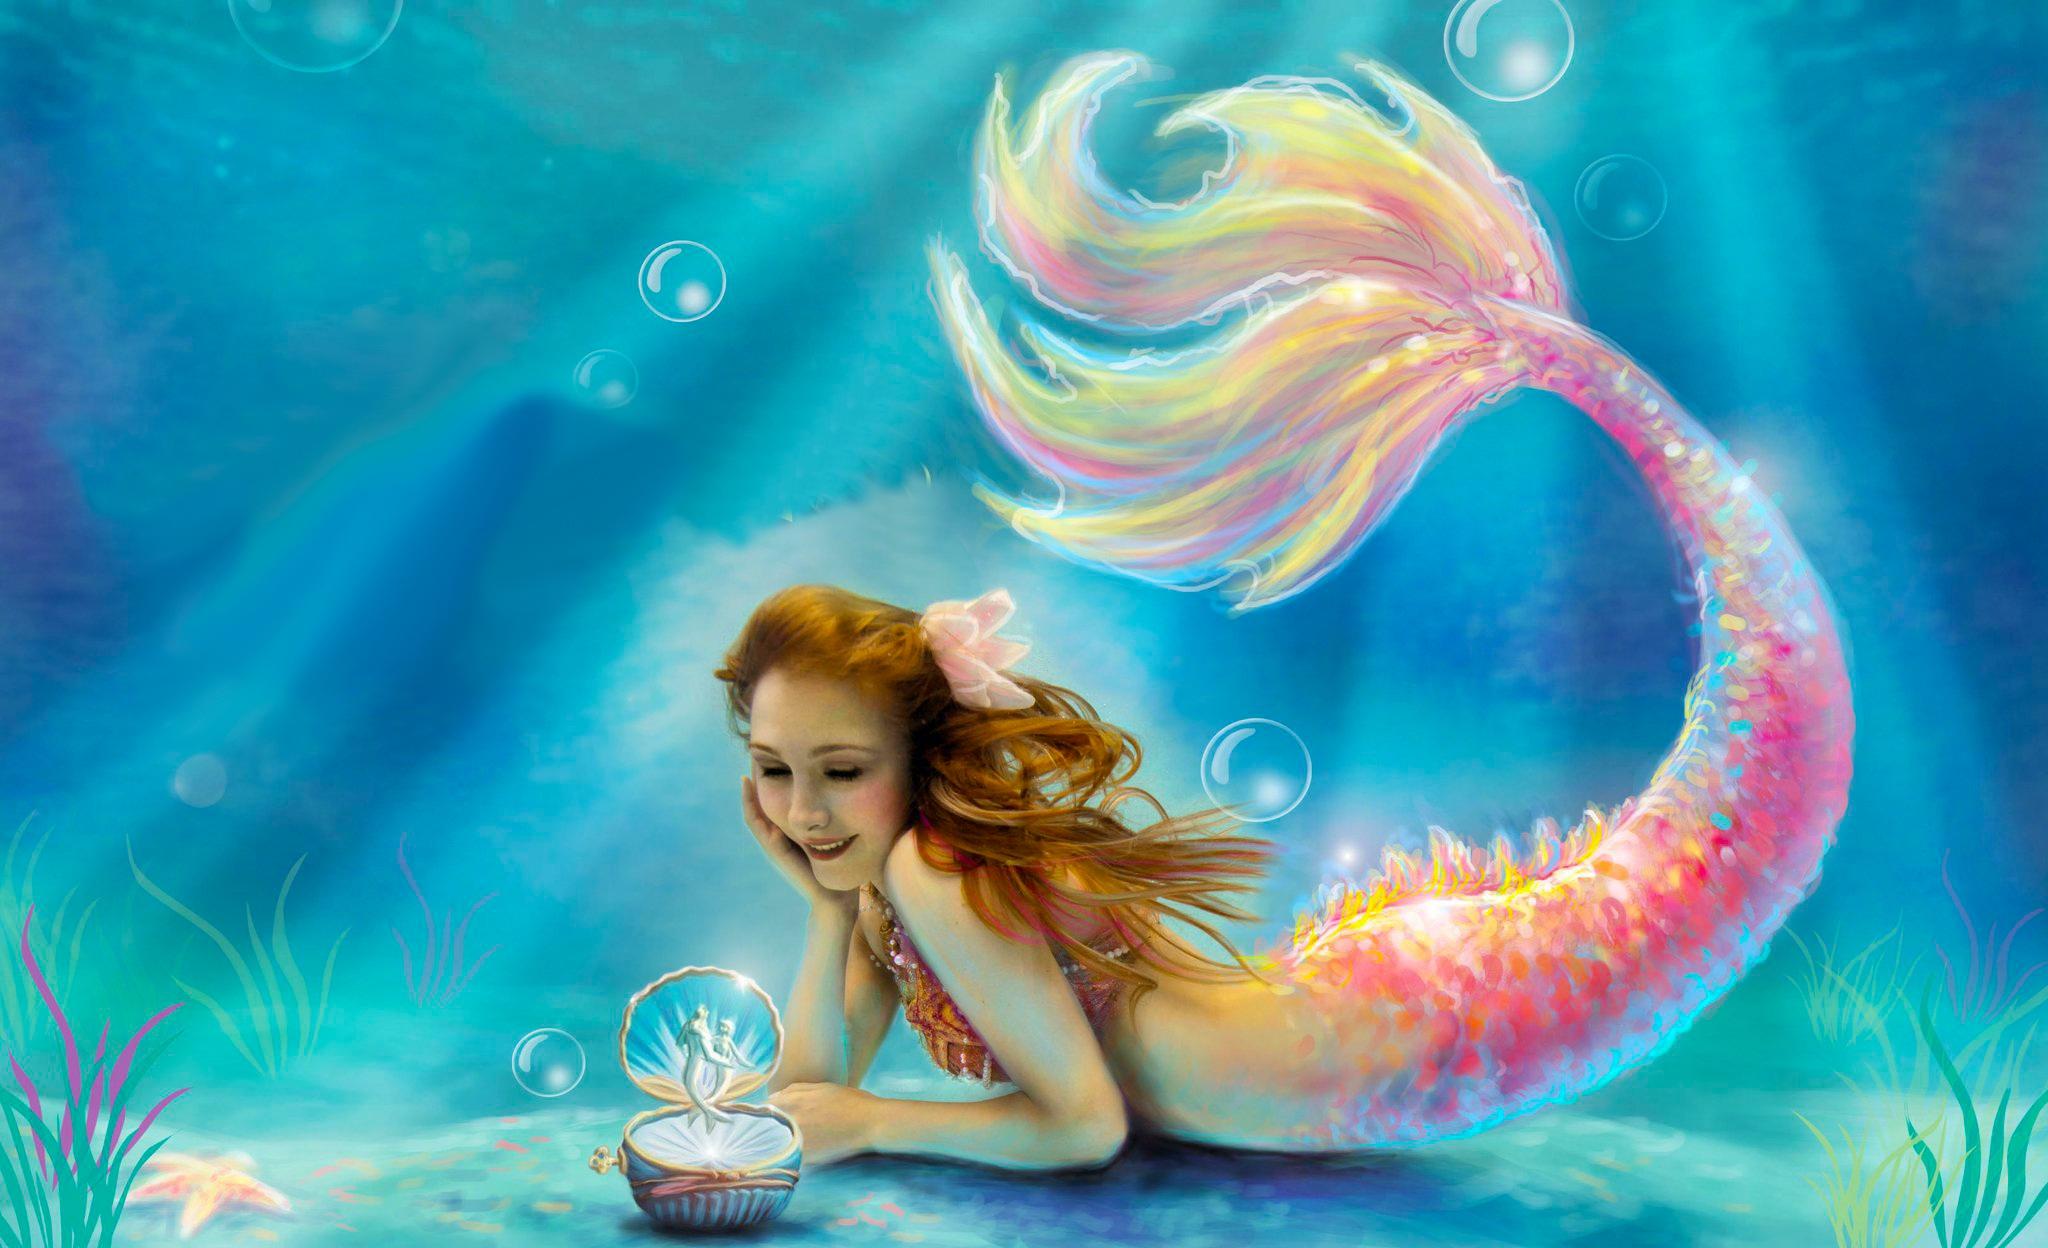 Fantasy Mermaid wallpapers Desktop Phone Tablet 2048x1248